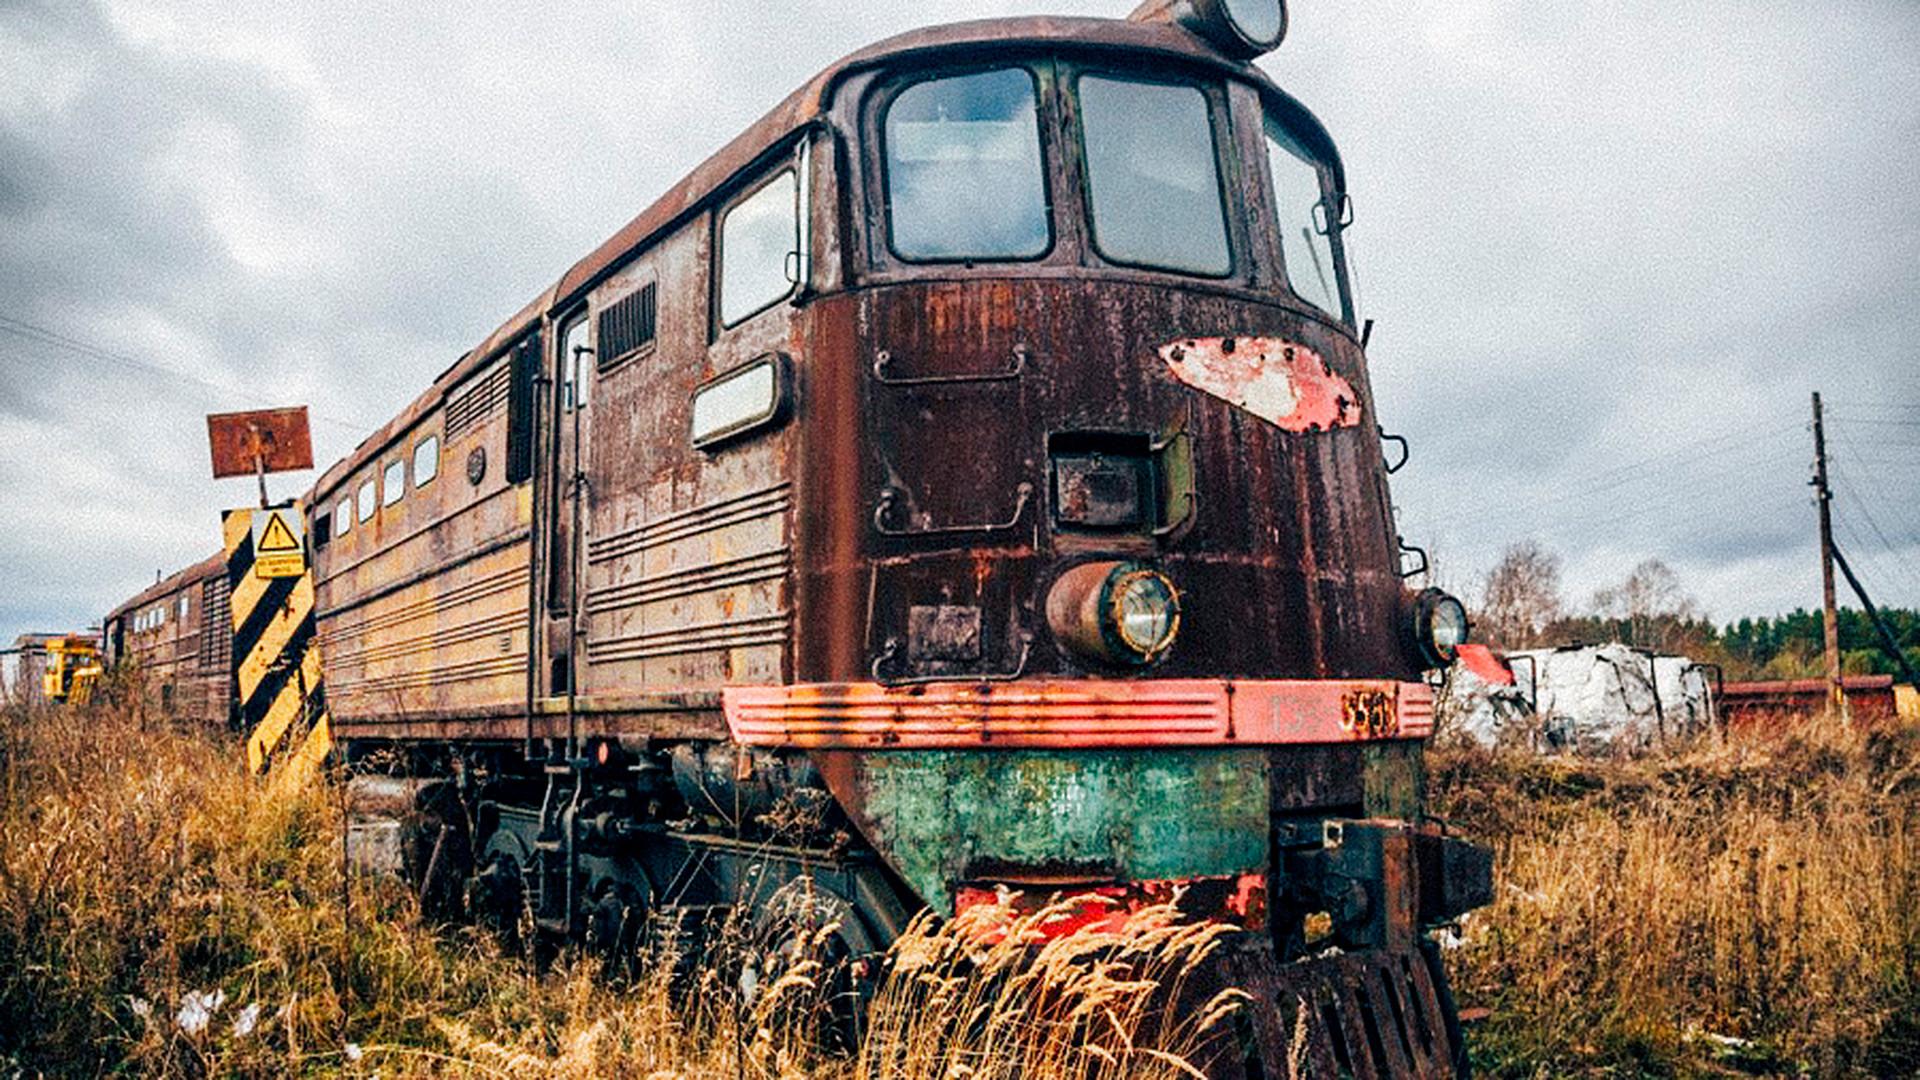 """Ausgemusterte Eisenbahnwaggons und Lokomotiven werden in Russland zerlegt und eingeschmolzen oder kommen auf sogenannte """"Zug-Friedhöfe"""". Passender wäre sicher """"Gnadenhof"""", denn im Notfall können die dort gelagerten Waggons und Loks auch wieder in den aktiven Betrieb zurückgeholt werden."""